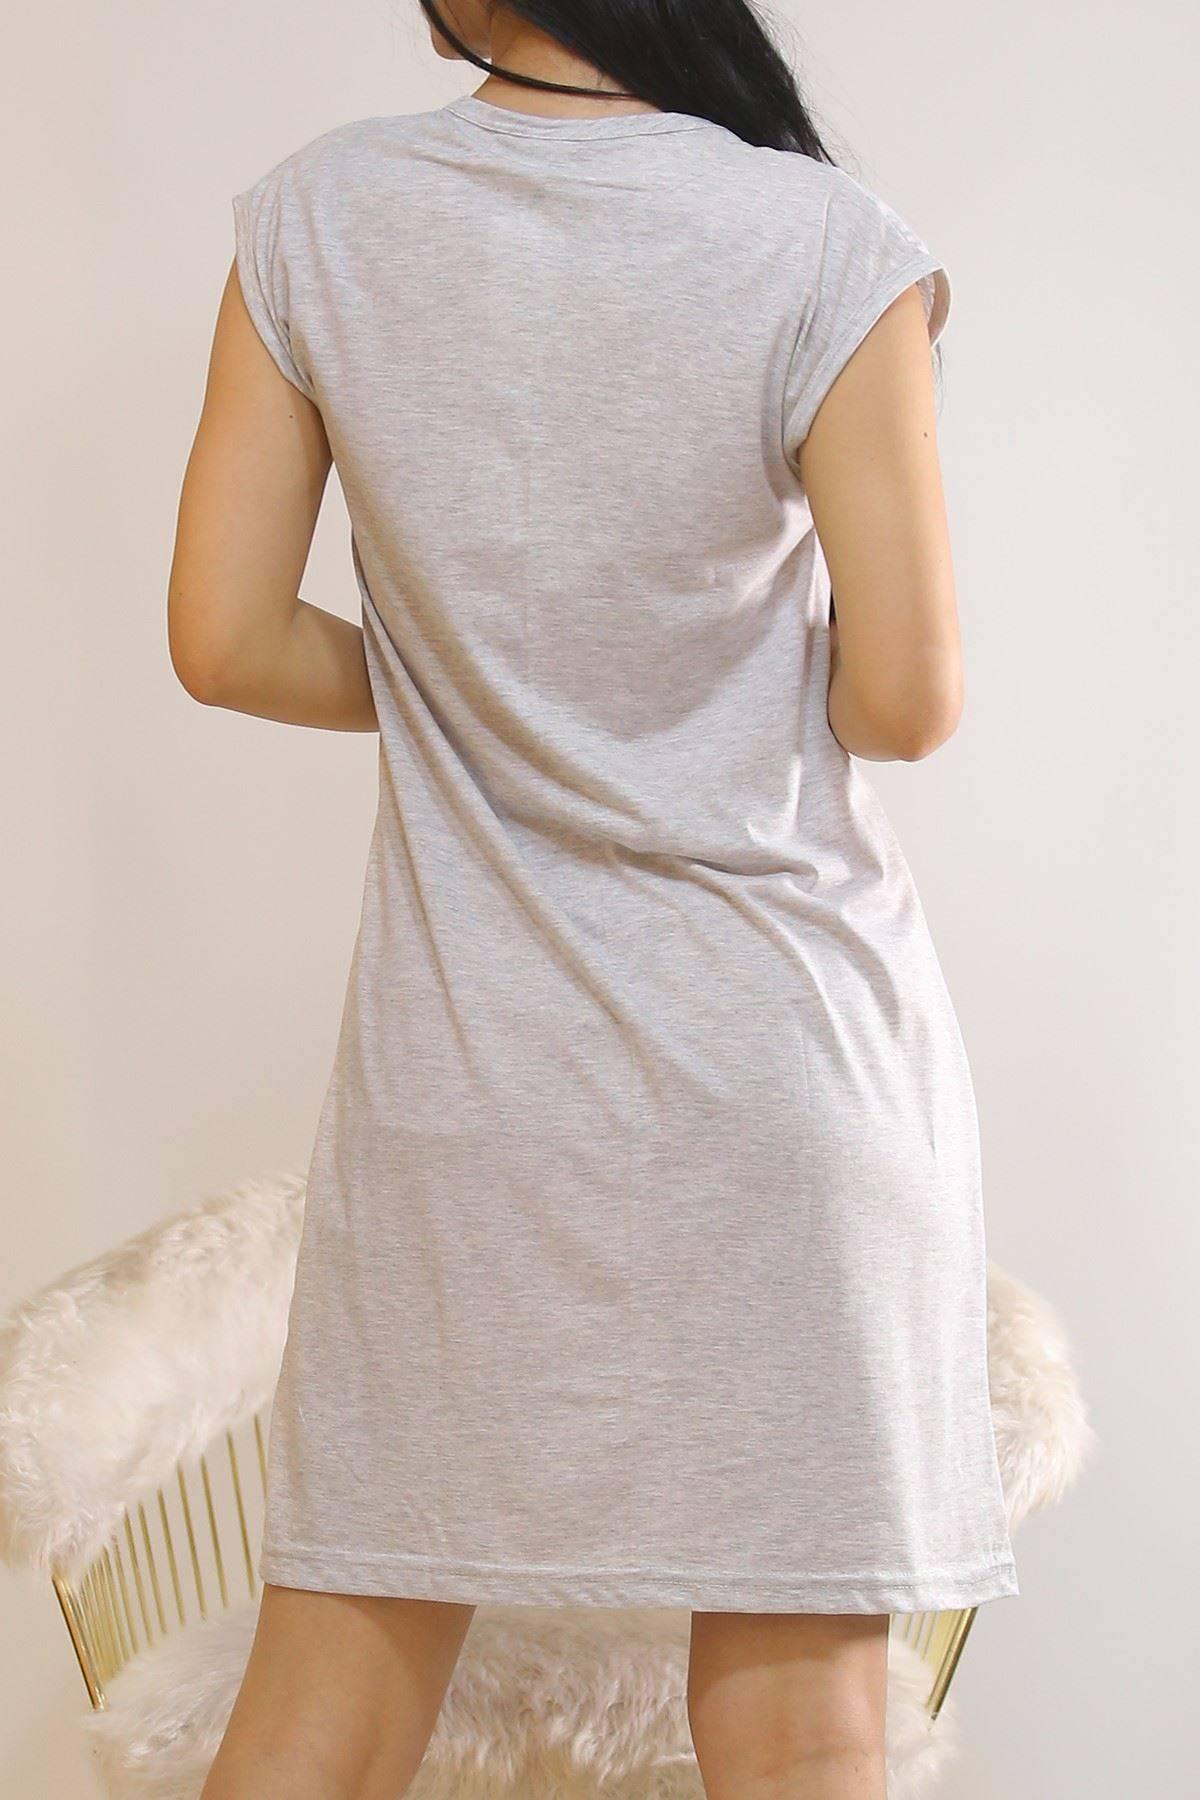 Japone Kol Elbise Gri6 - 5504.1287.